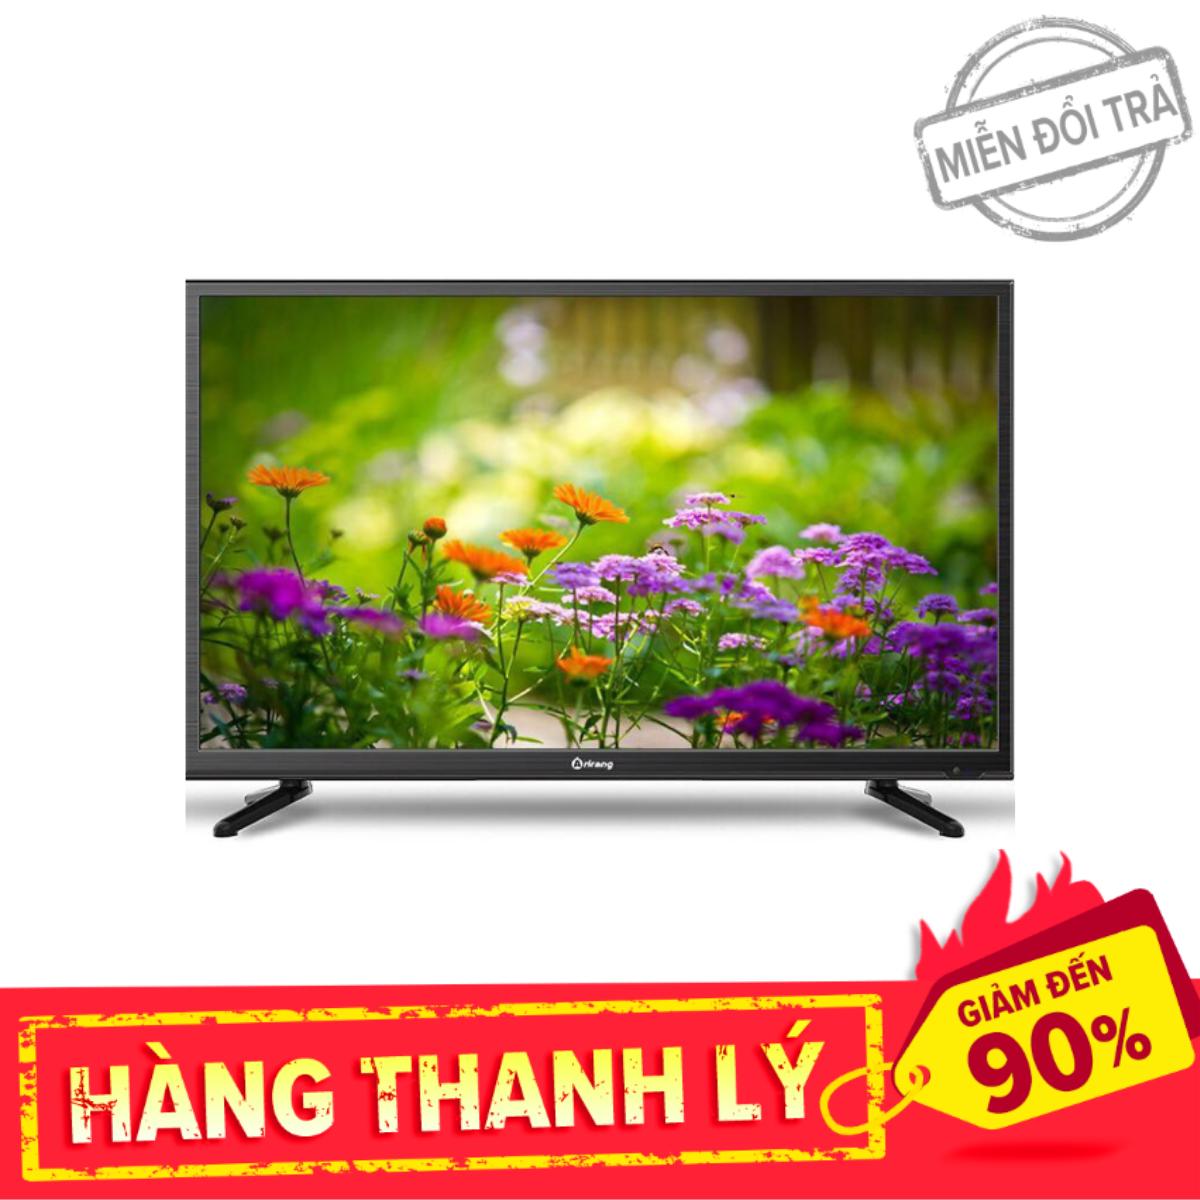 [ Thanh lý sản phẩm Không bảo hành, chỉ còn 1 SP ]ARIRANG SMART TV FULL HD 40 INCH AR-4088FS